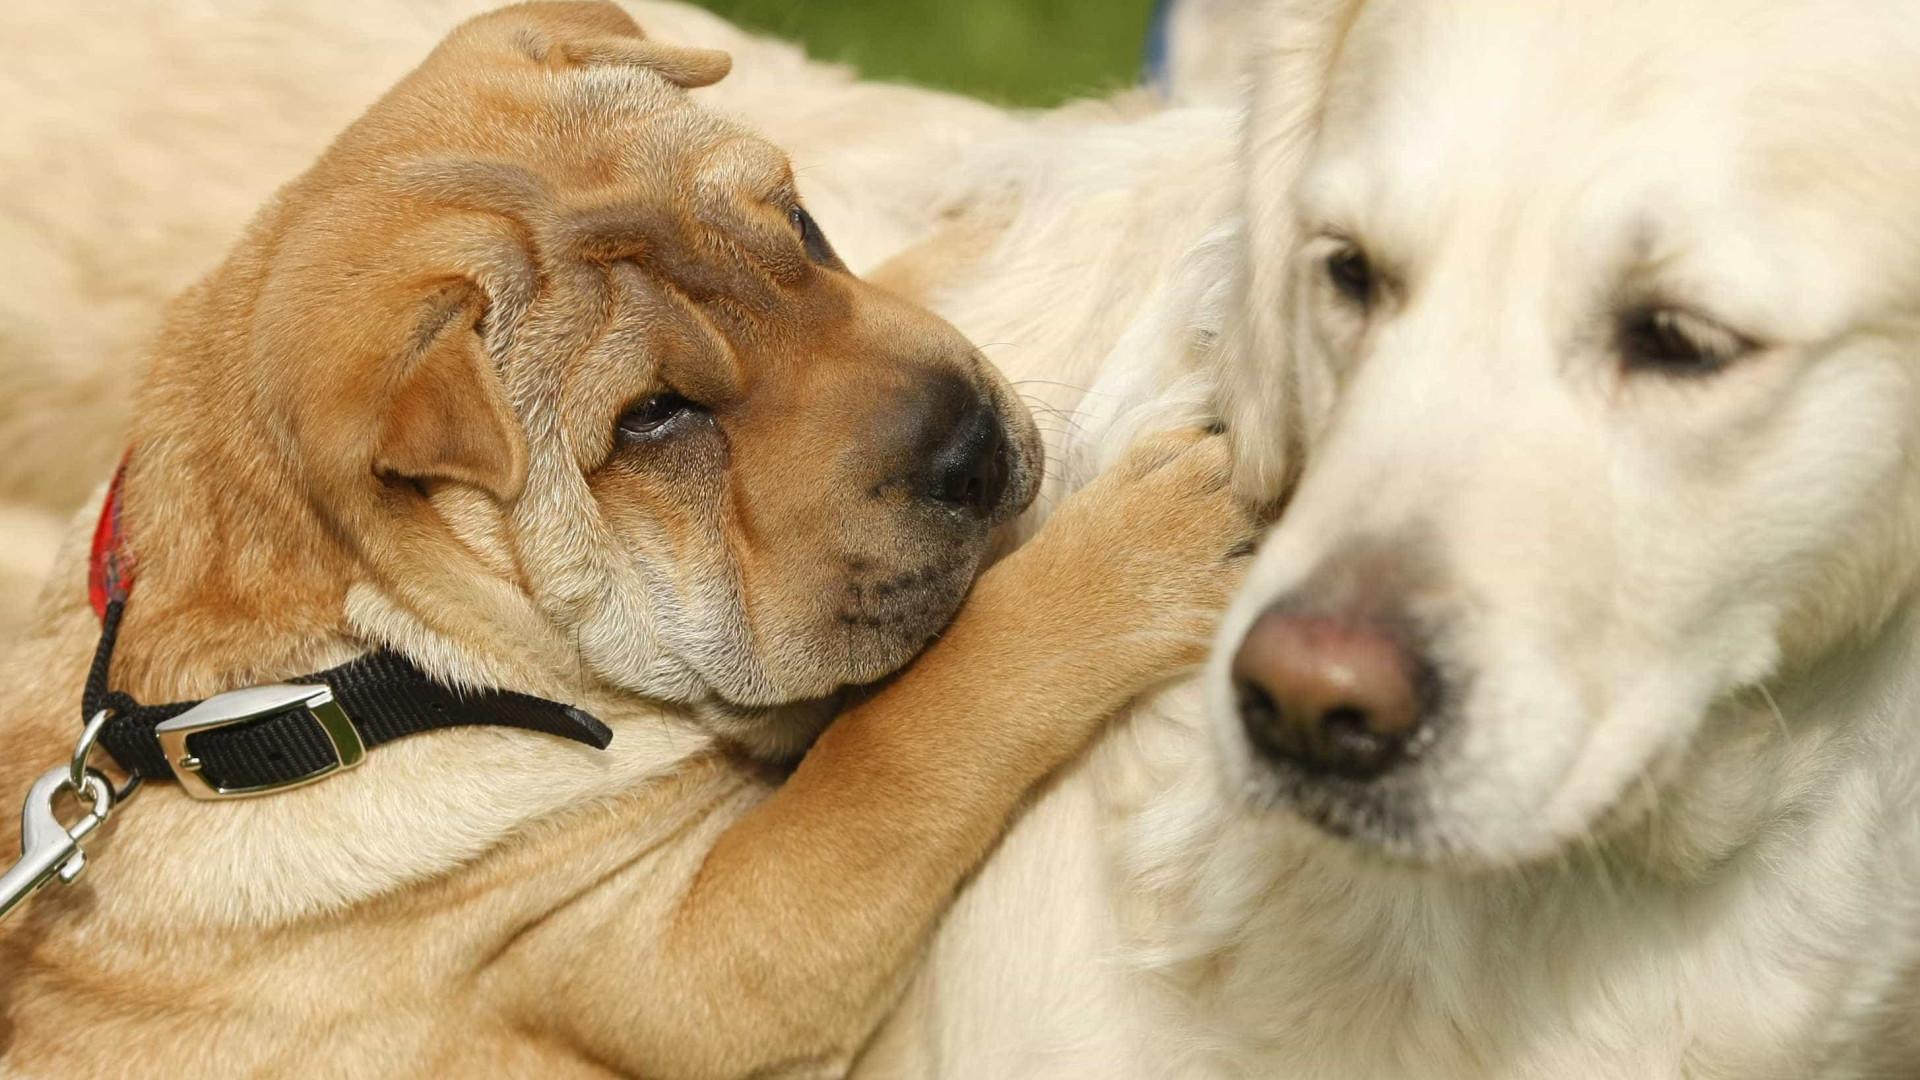 Liga dos Animais defende revisão do novo estatuto jurídico dos animais